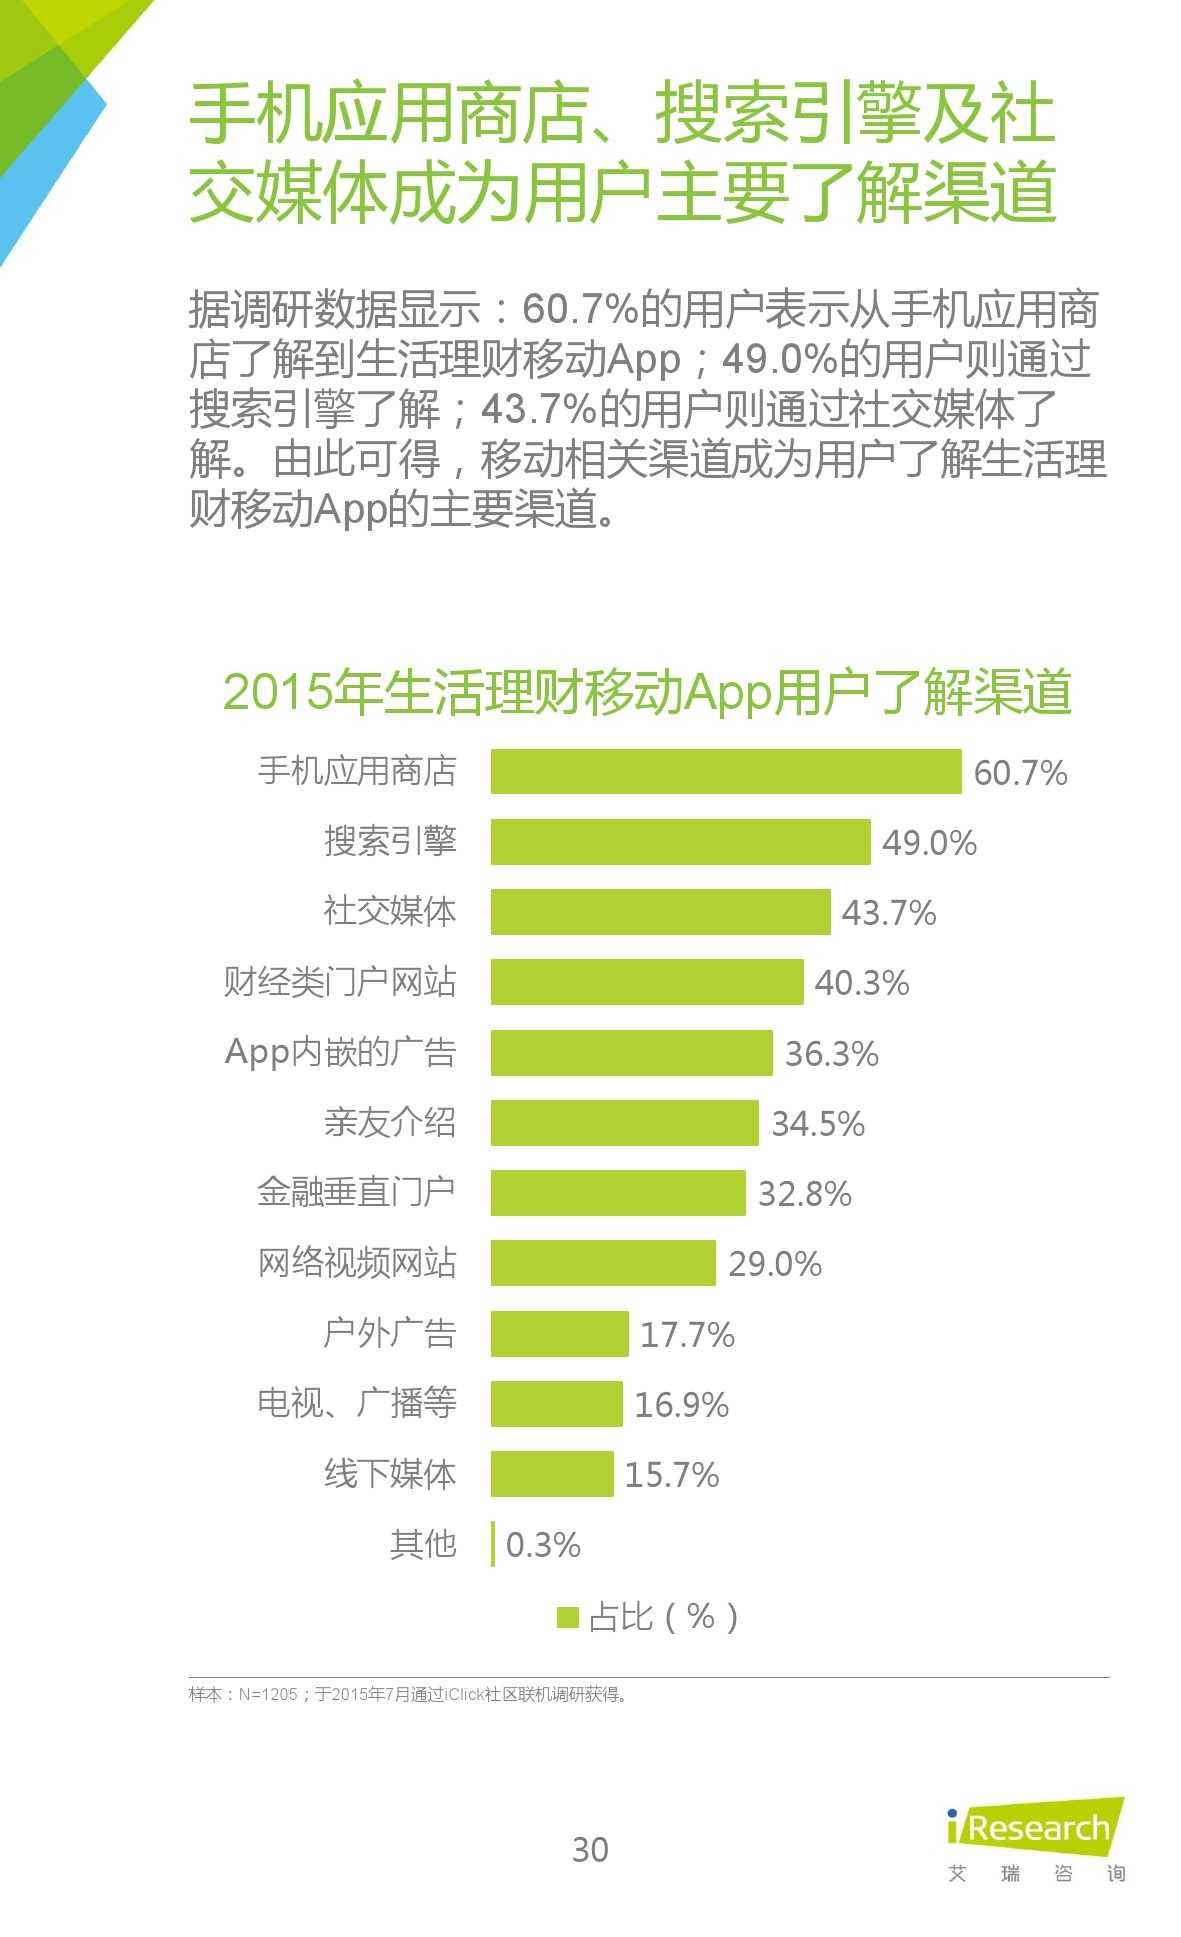 2015年中国生活理财移动App行业研究报告_000030